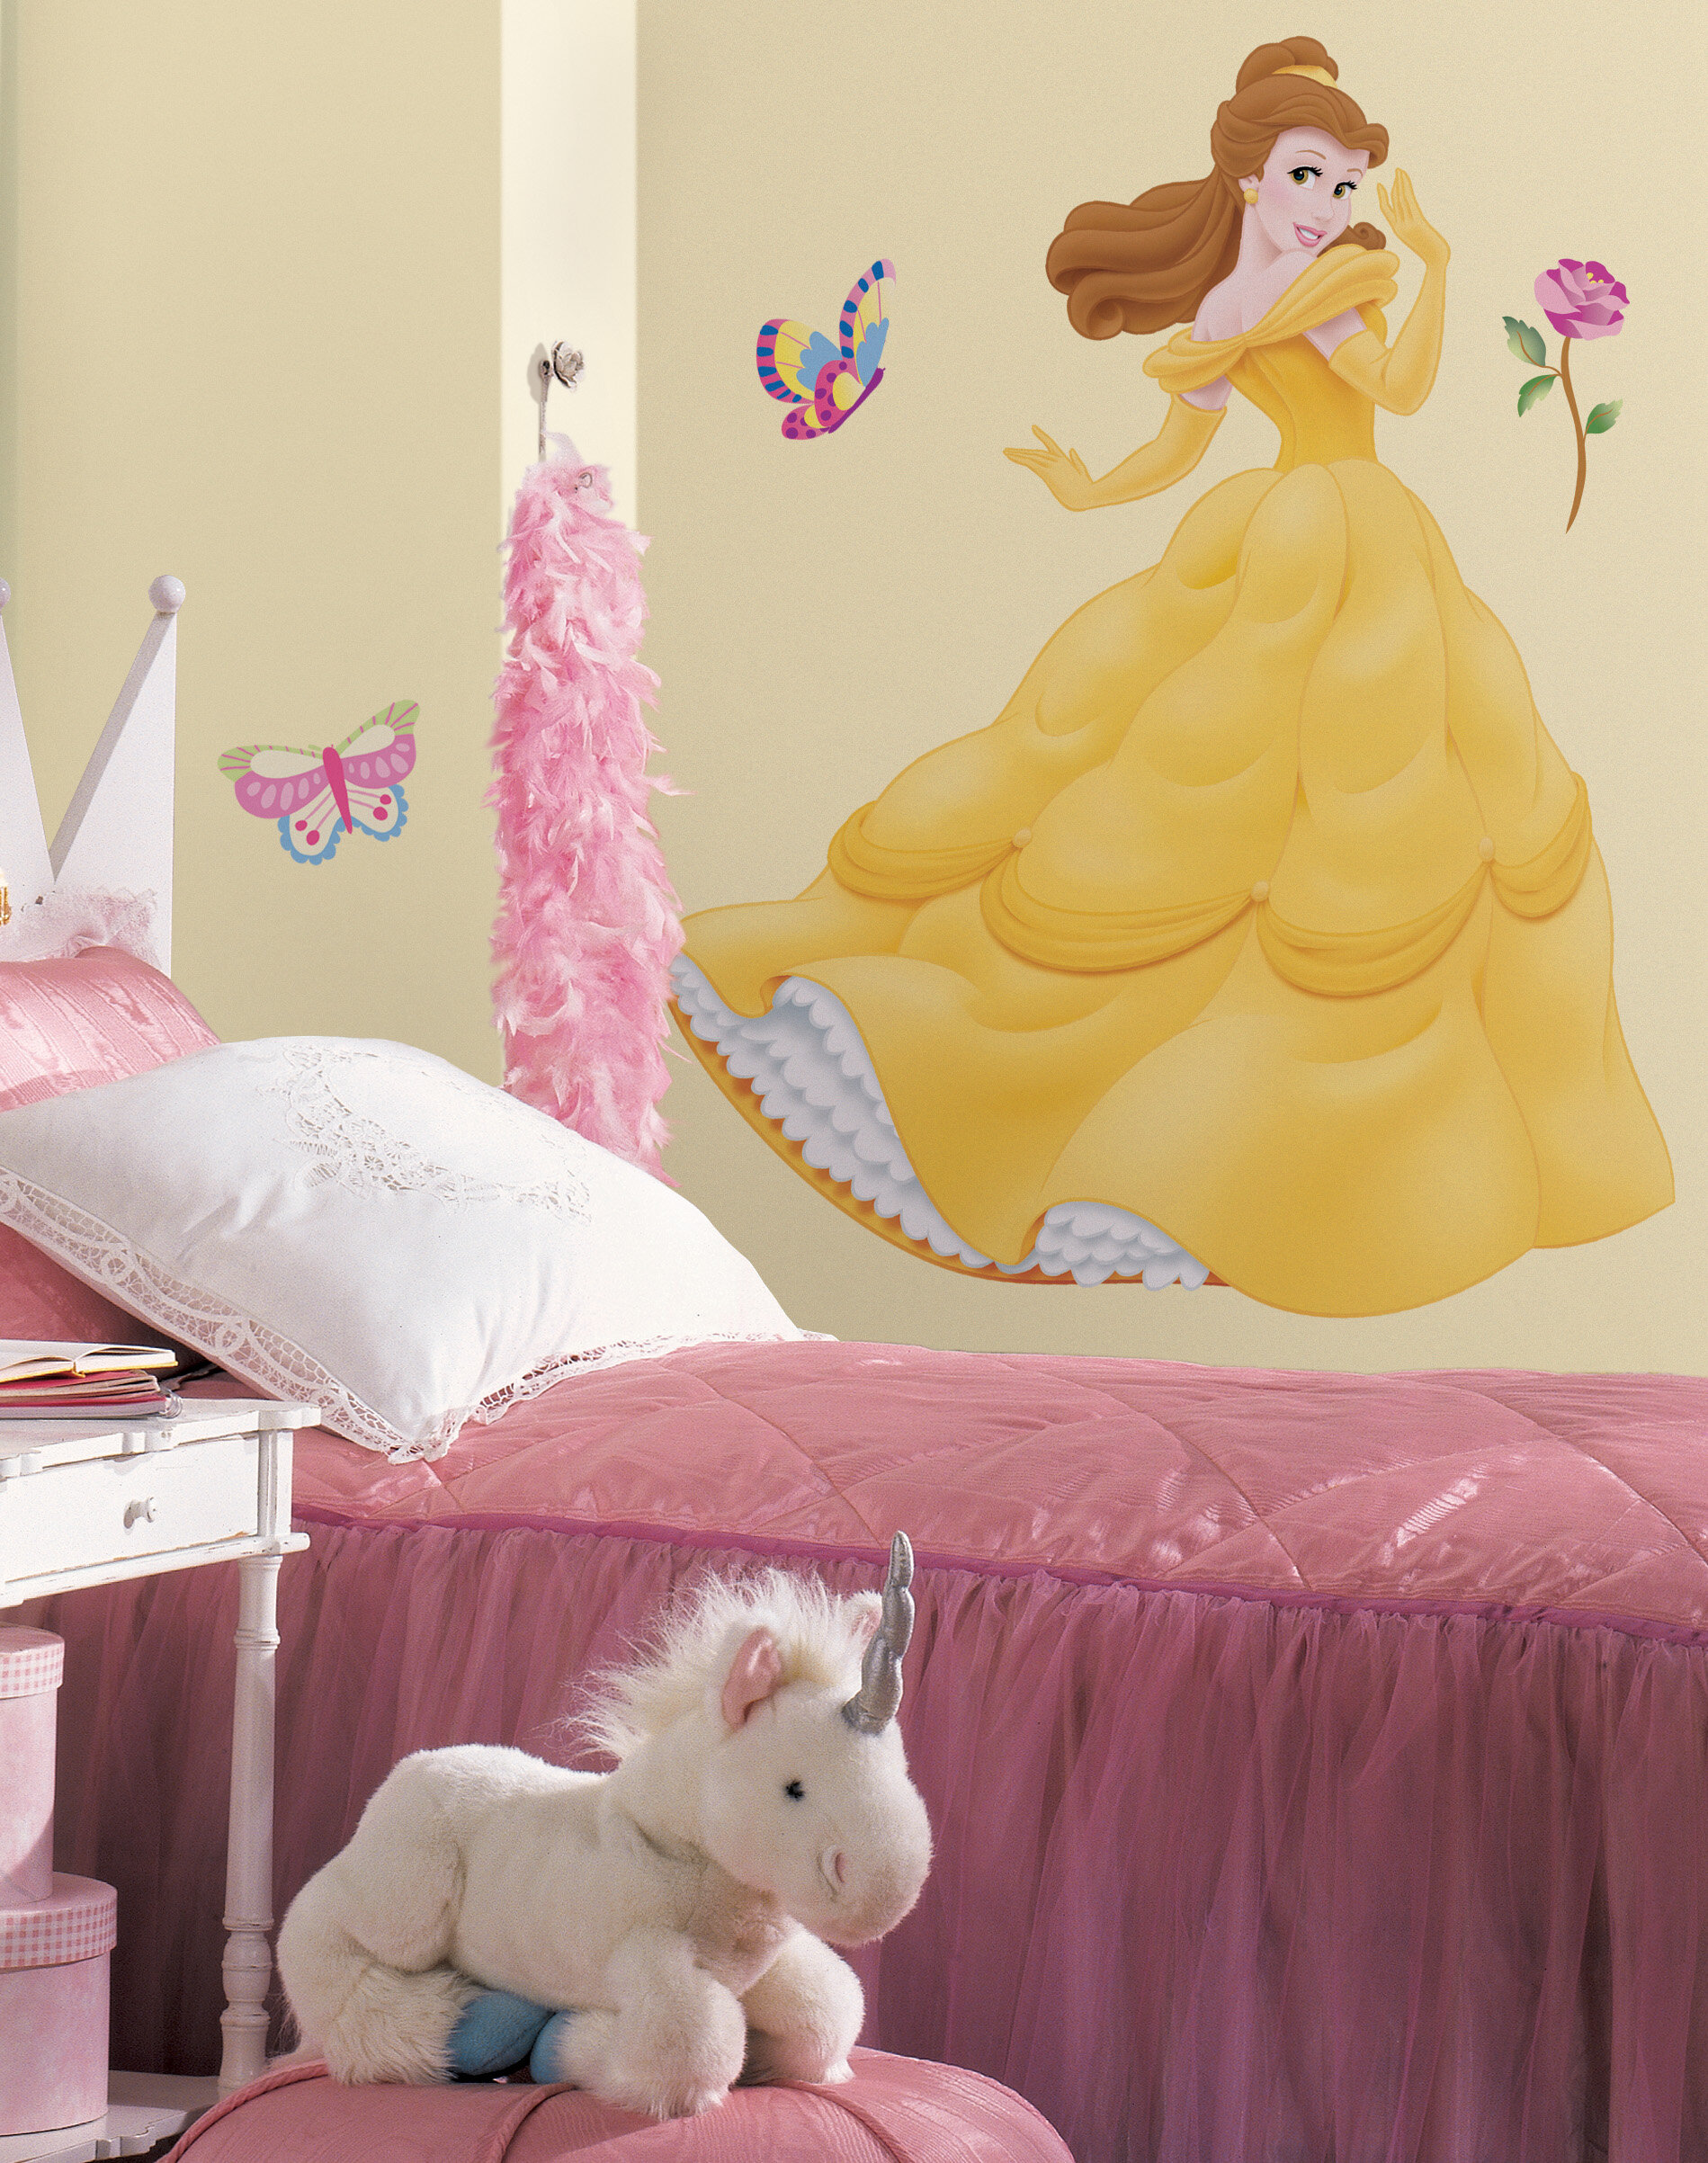 Wallhogs Disney Belle Cutout Wall Decal | Wayfair